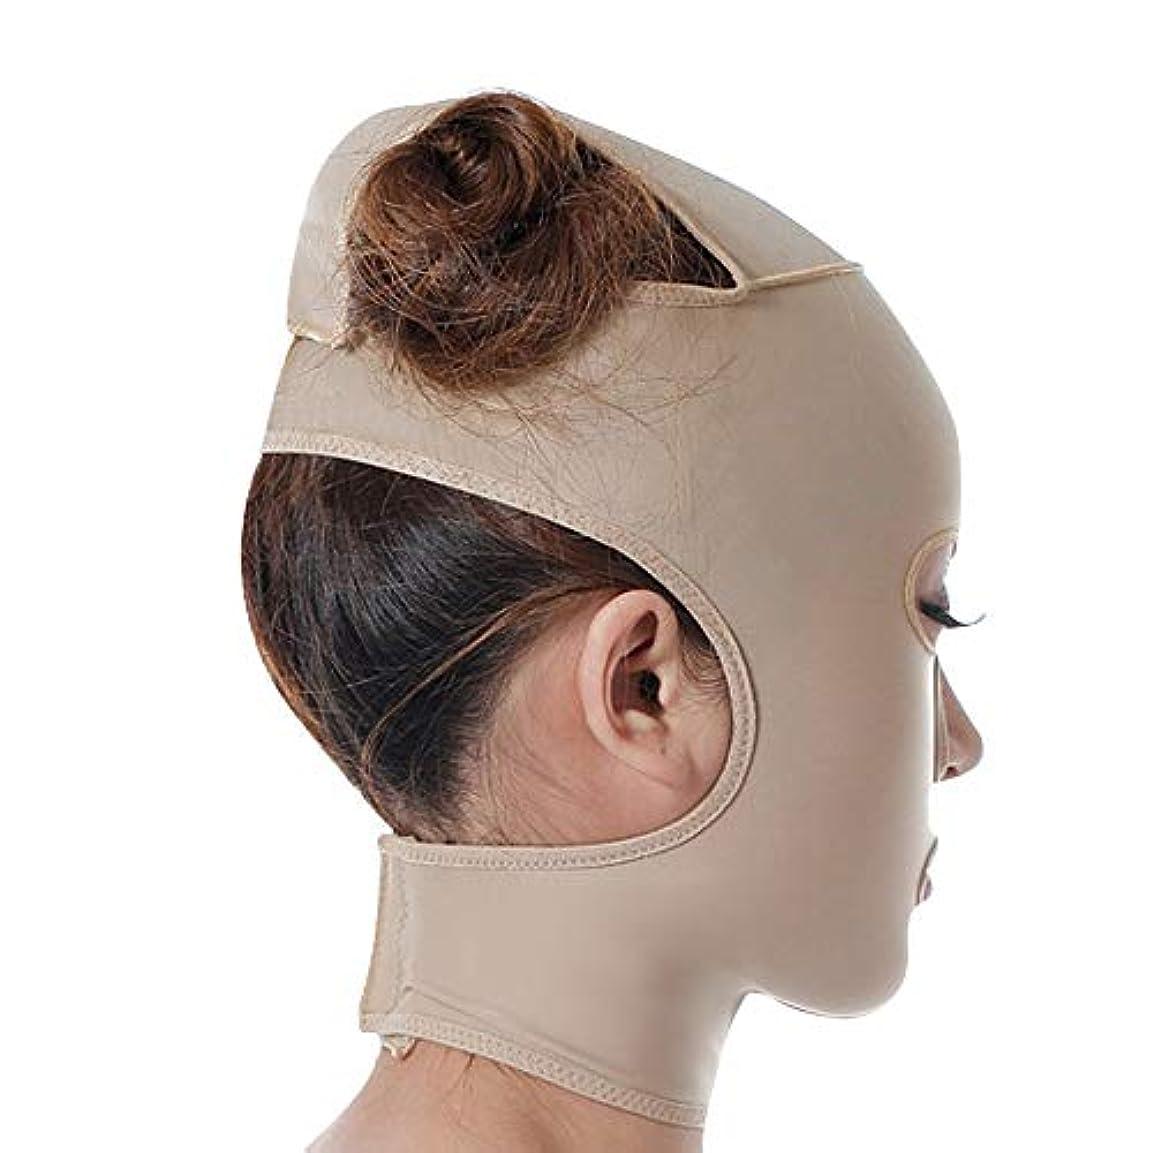 無知遅滞療法GLJJQMY 引き締めマスクマスク美容薬マスク美容V顔包帯ライン彫刻リフティング引き締め二重あごマスク 顔用整形マスク (Size : M)